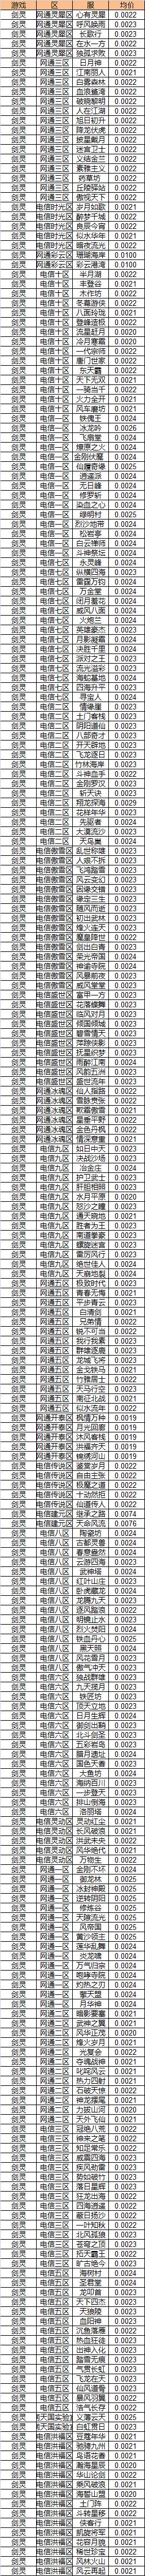 xianxia2.png